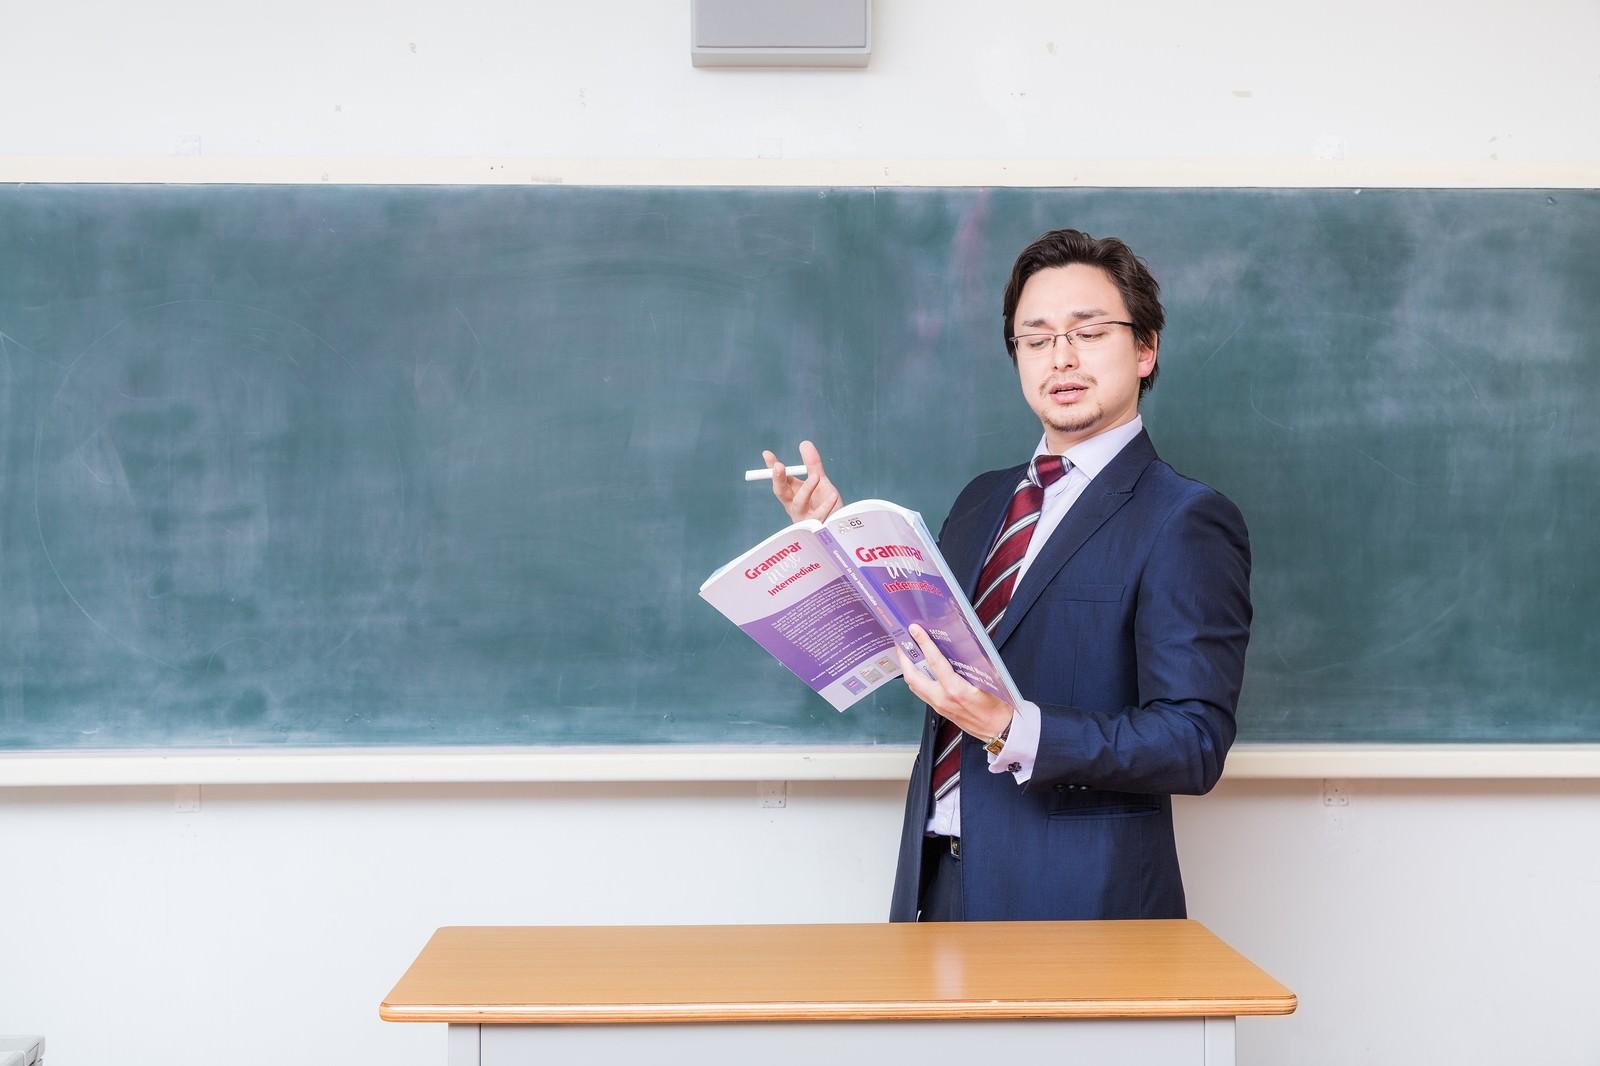 「アメリカンジョークが通じないことに困惑する教師アメリカンジョークが通じないことに困惑する教師」[モデル:Max_Ezaki]のフリー写真素材を拡大